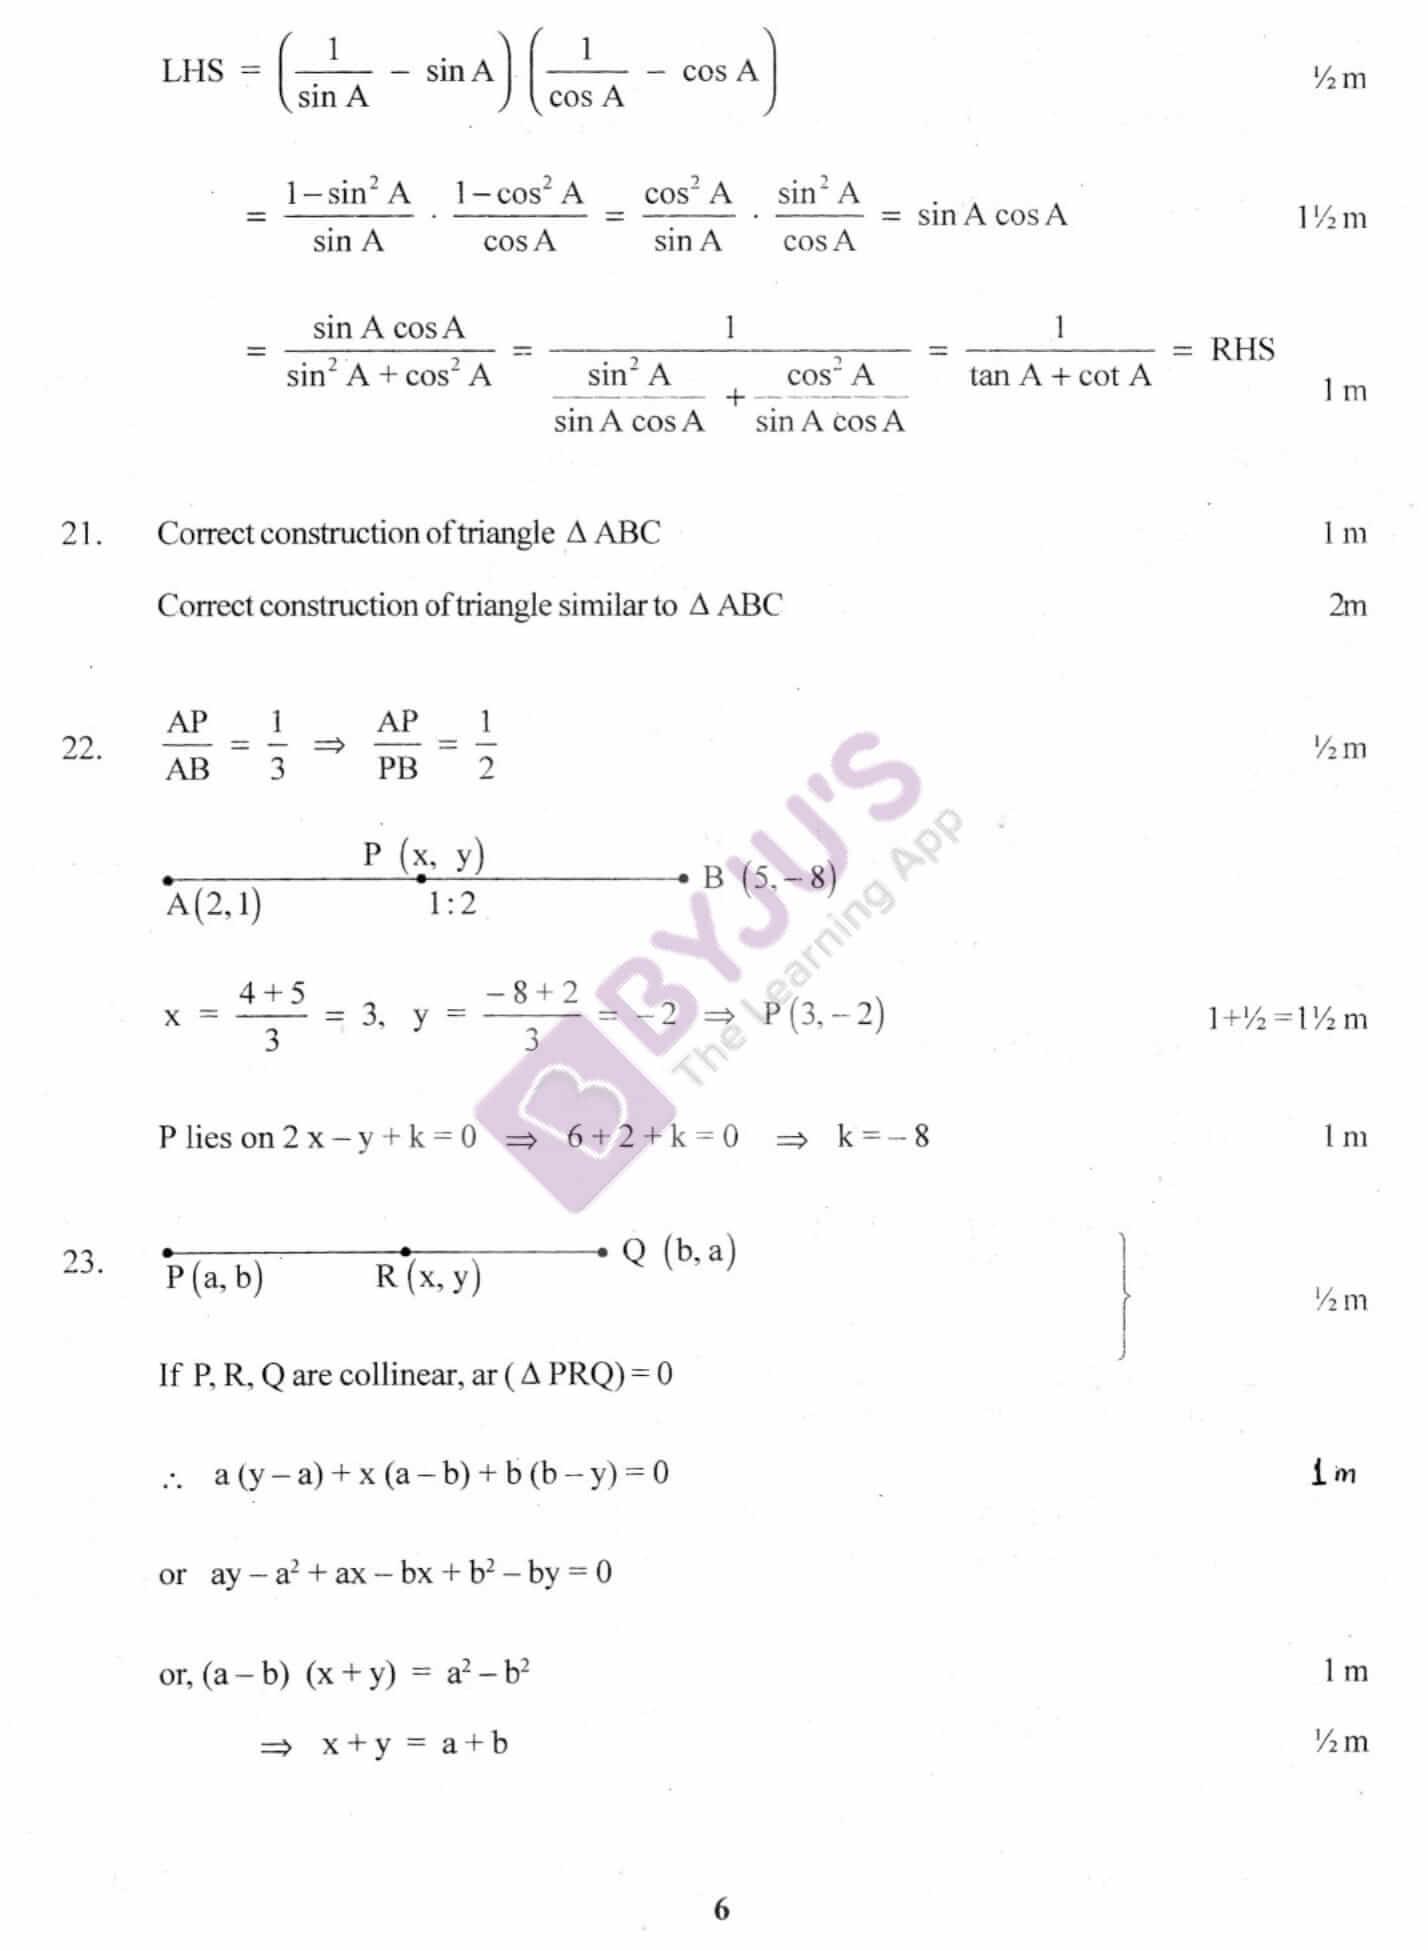 cbse class 10 maths solution 2010 set 1